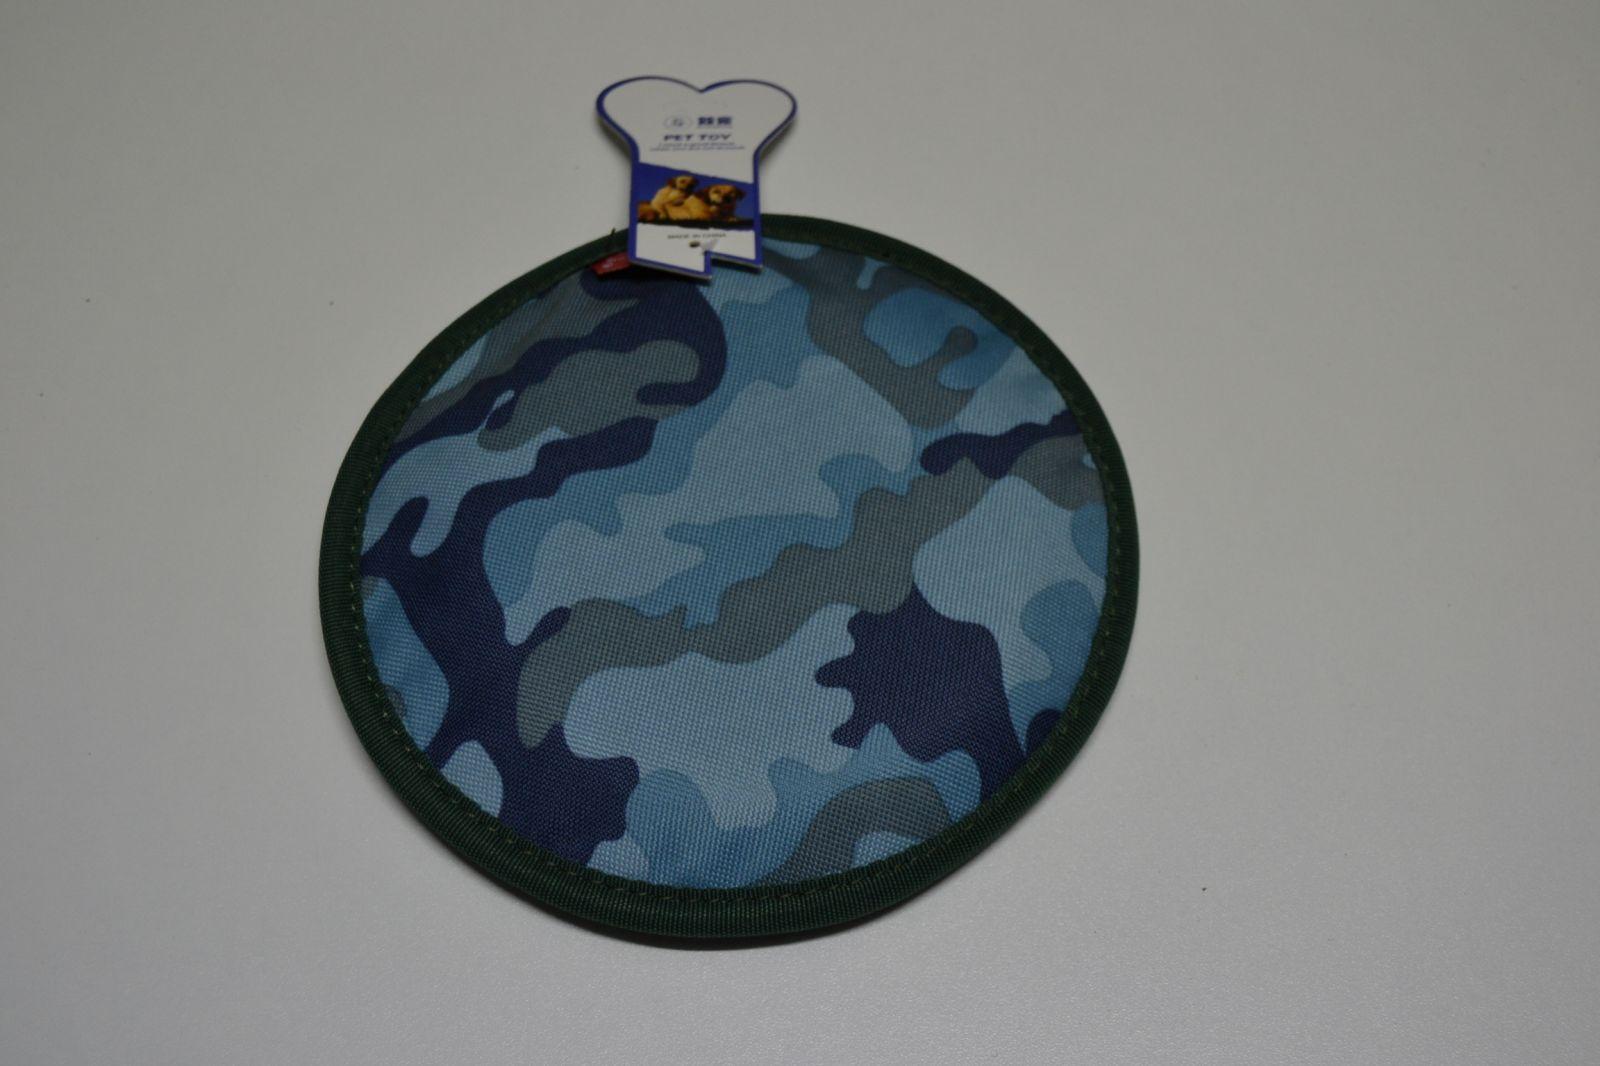 Hračka pro psy - létající talíř, frisbee - maskáč 20cm